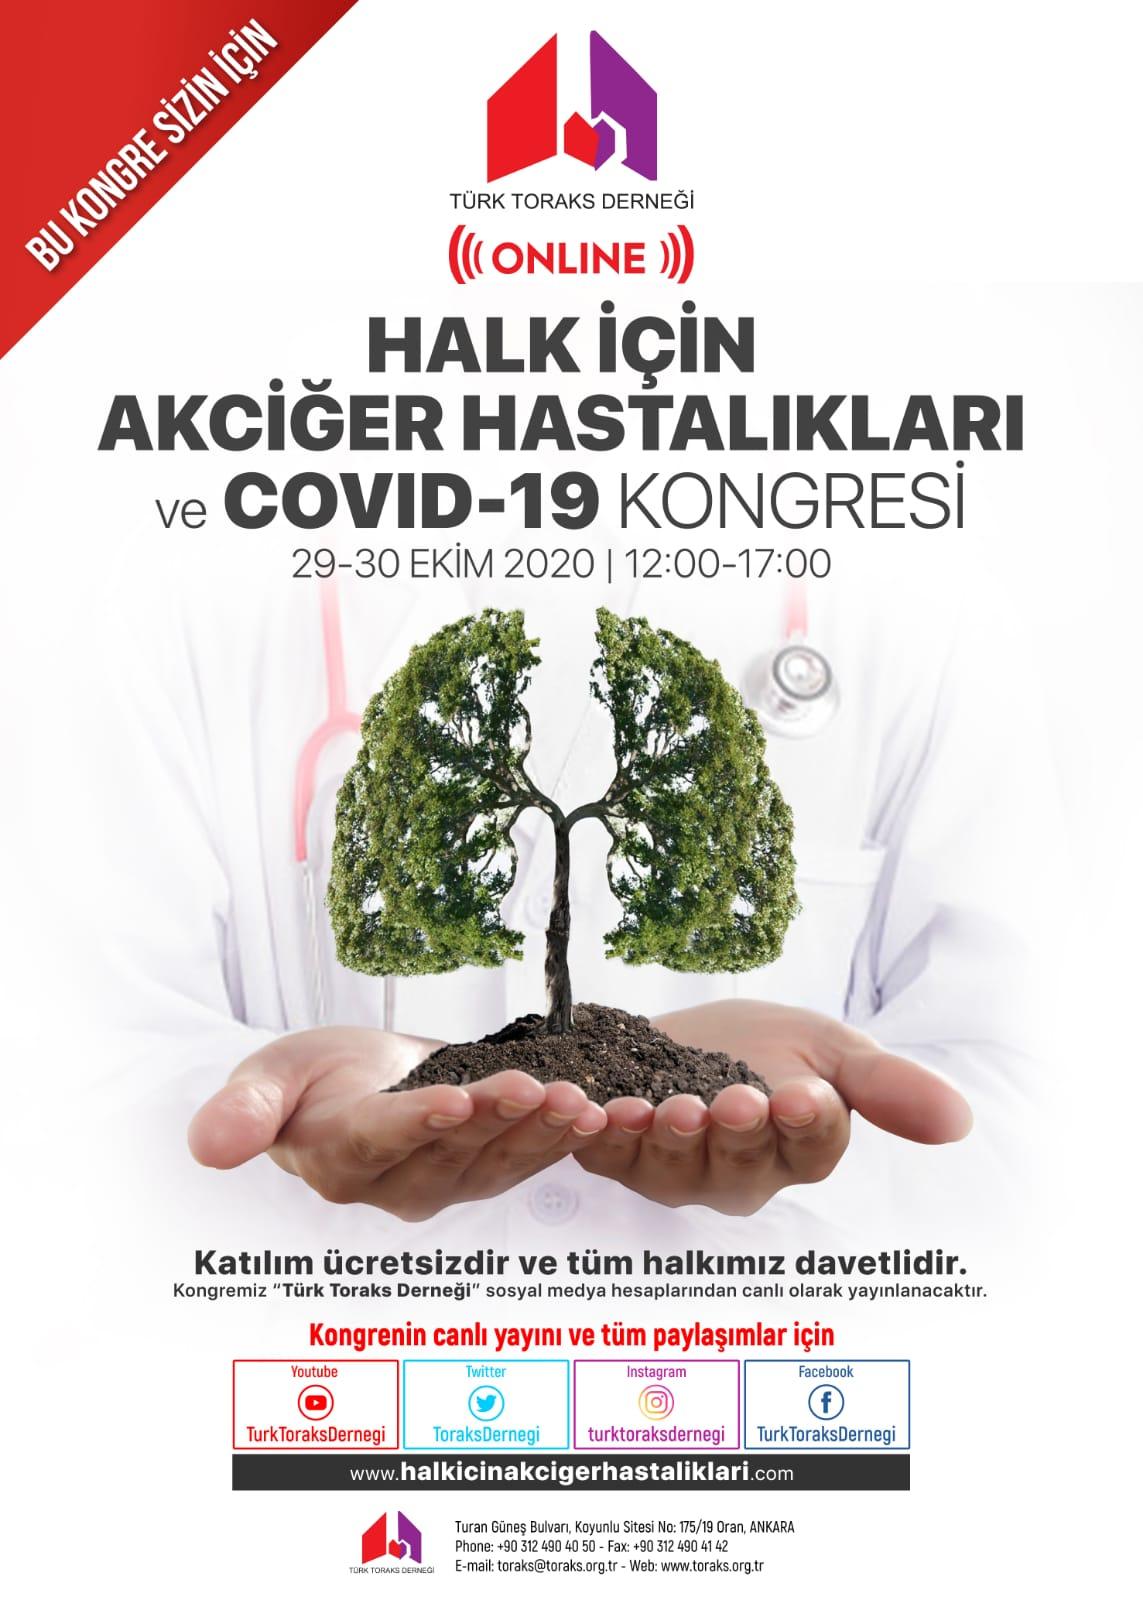 Türk Toraks Derneği Halk Kongresi için geri sayım başladı